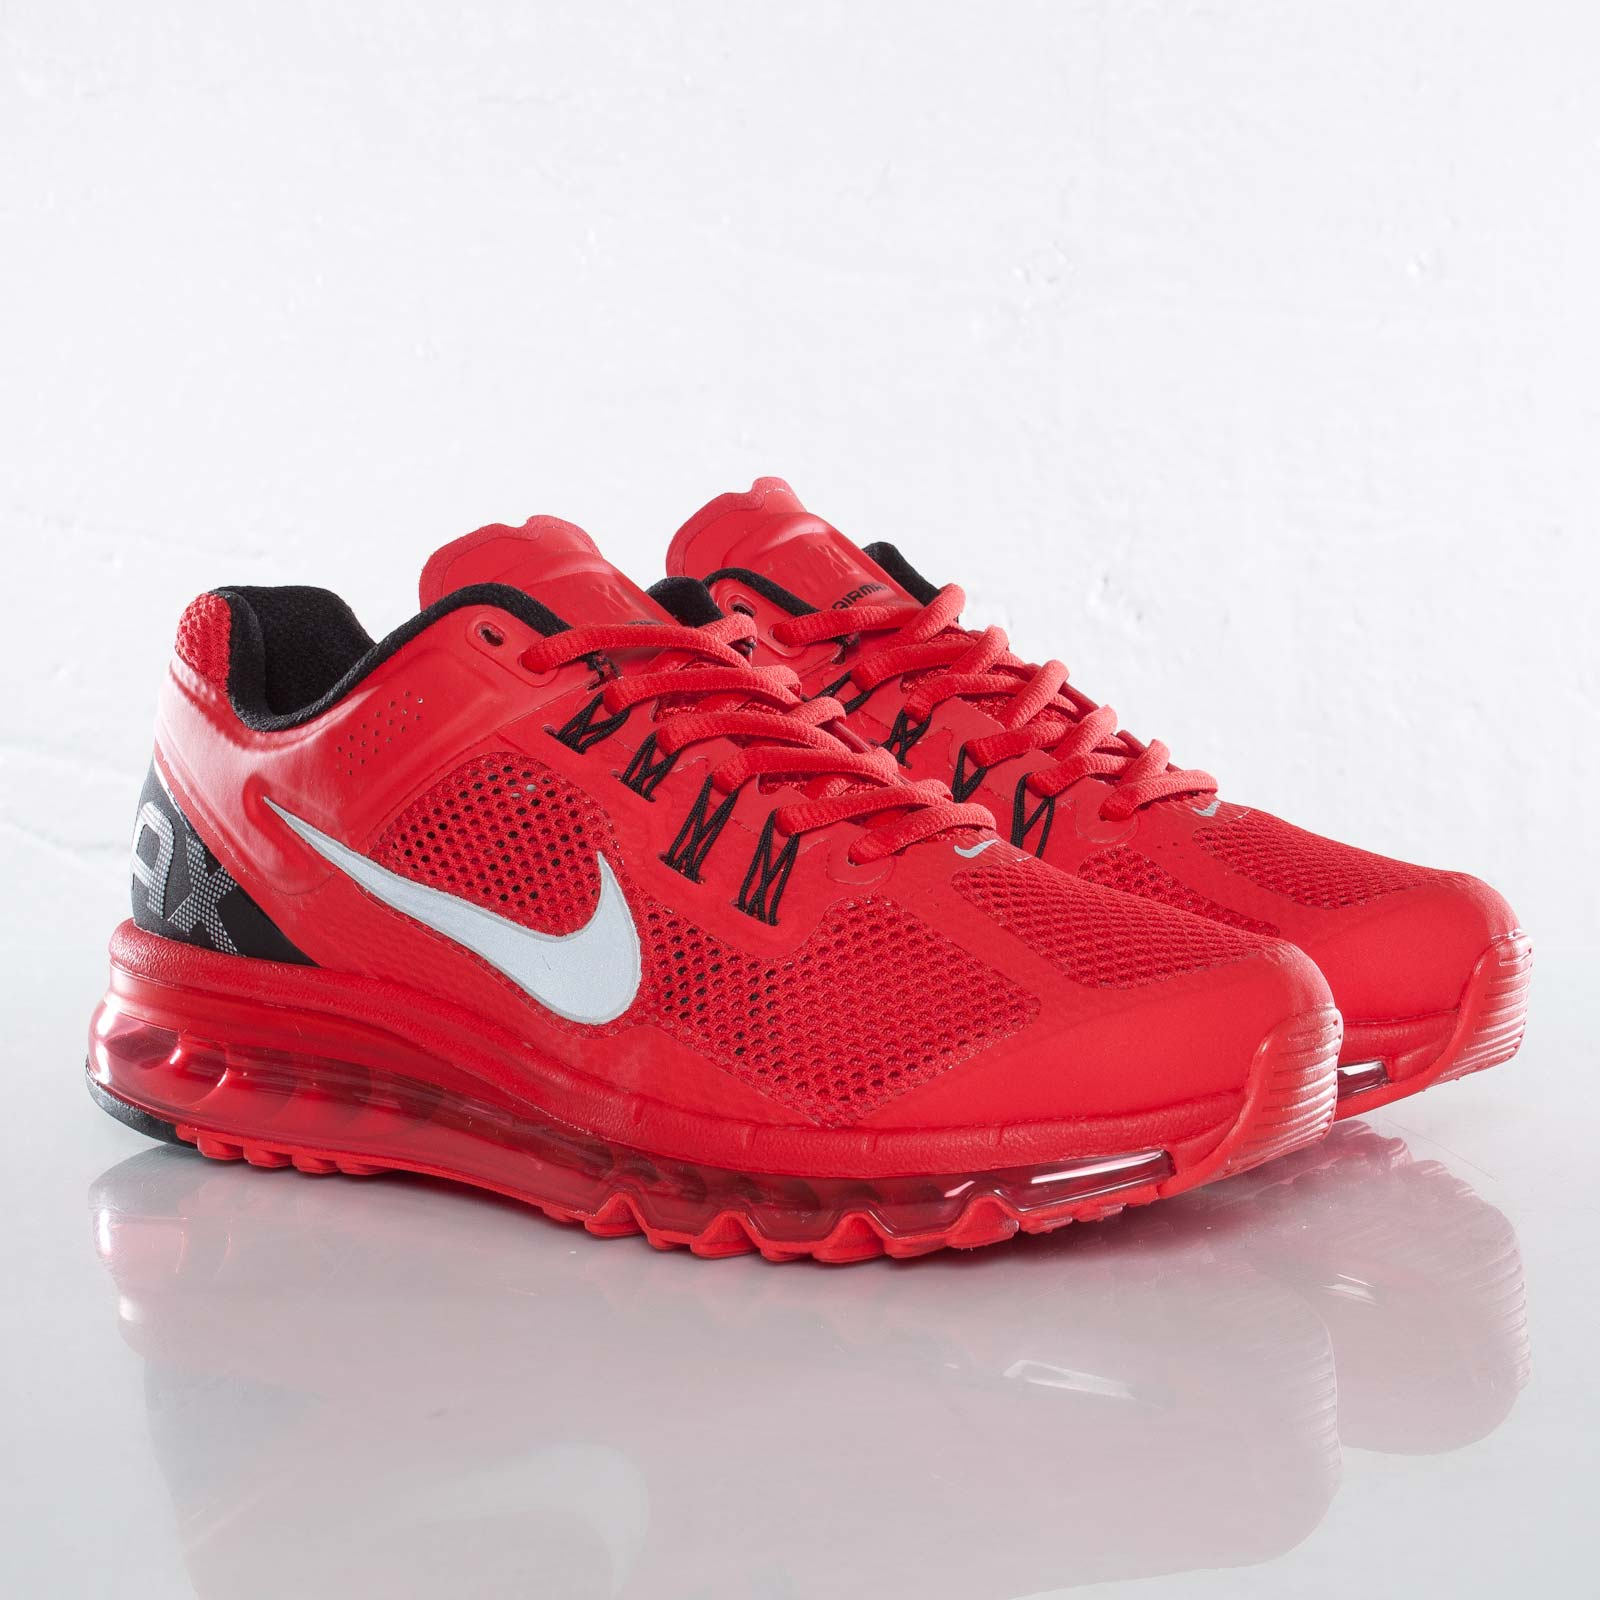 sale retailer df6c6 13c1f ... Nike Air Max+ 2013 ...